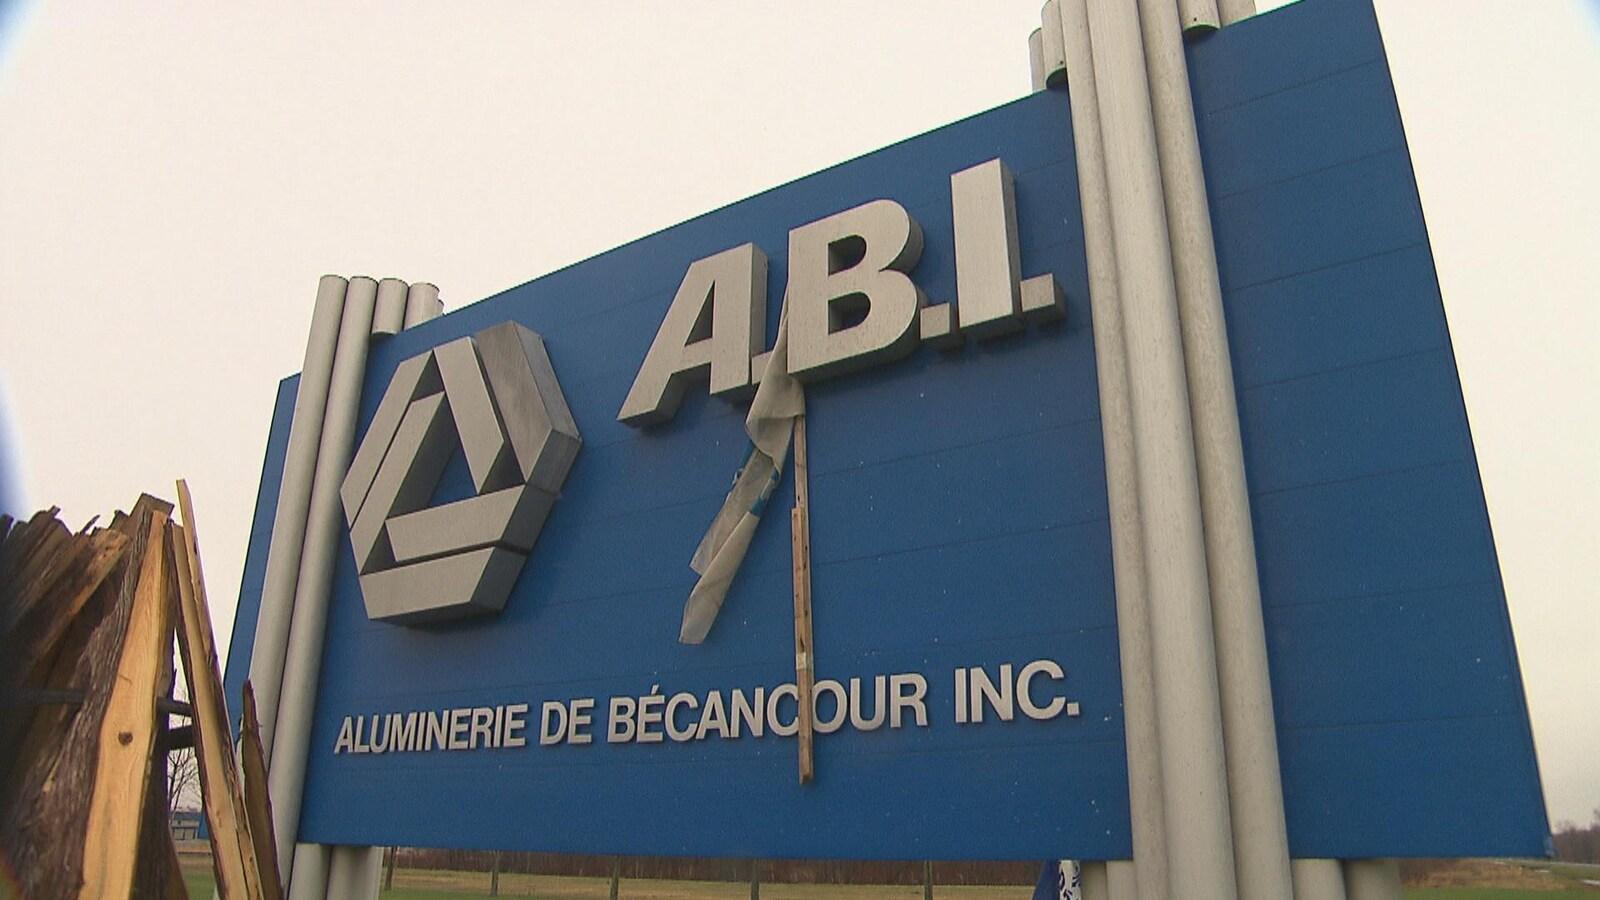 L'affiche de l'Aluminerie de Bécancour inc. (ABI), sur laquelle un drapeau de syndicat a été apposé.